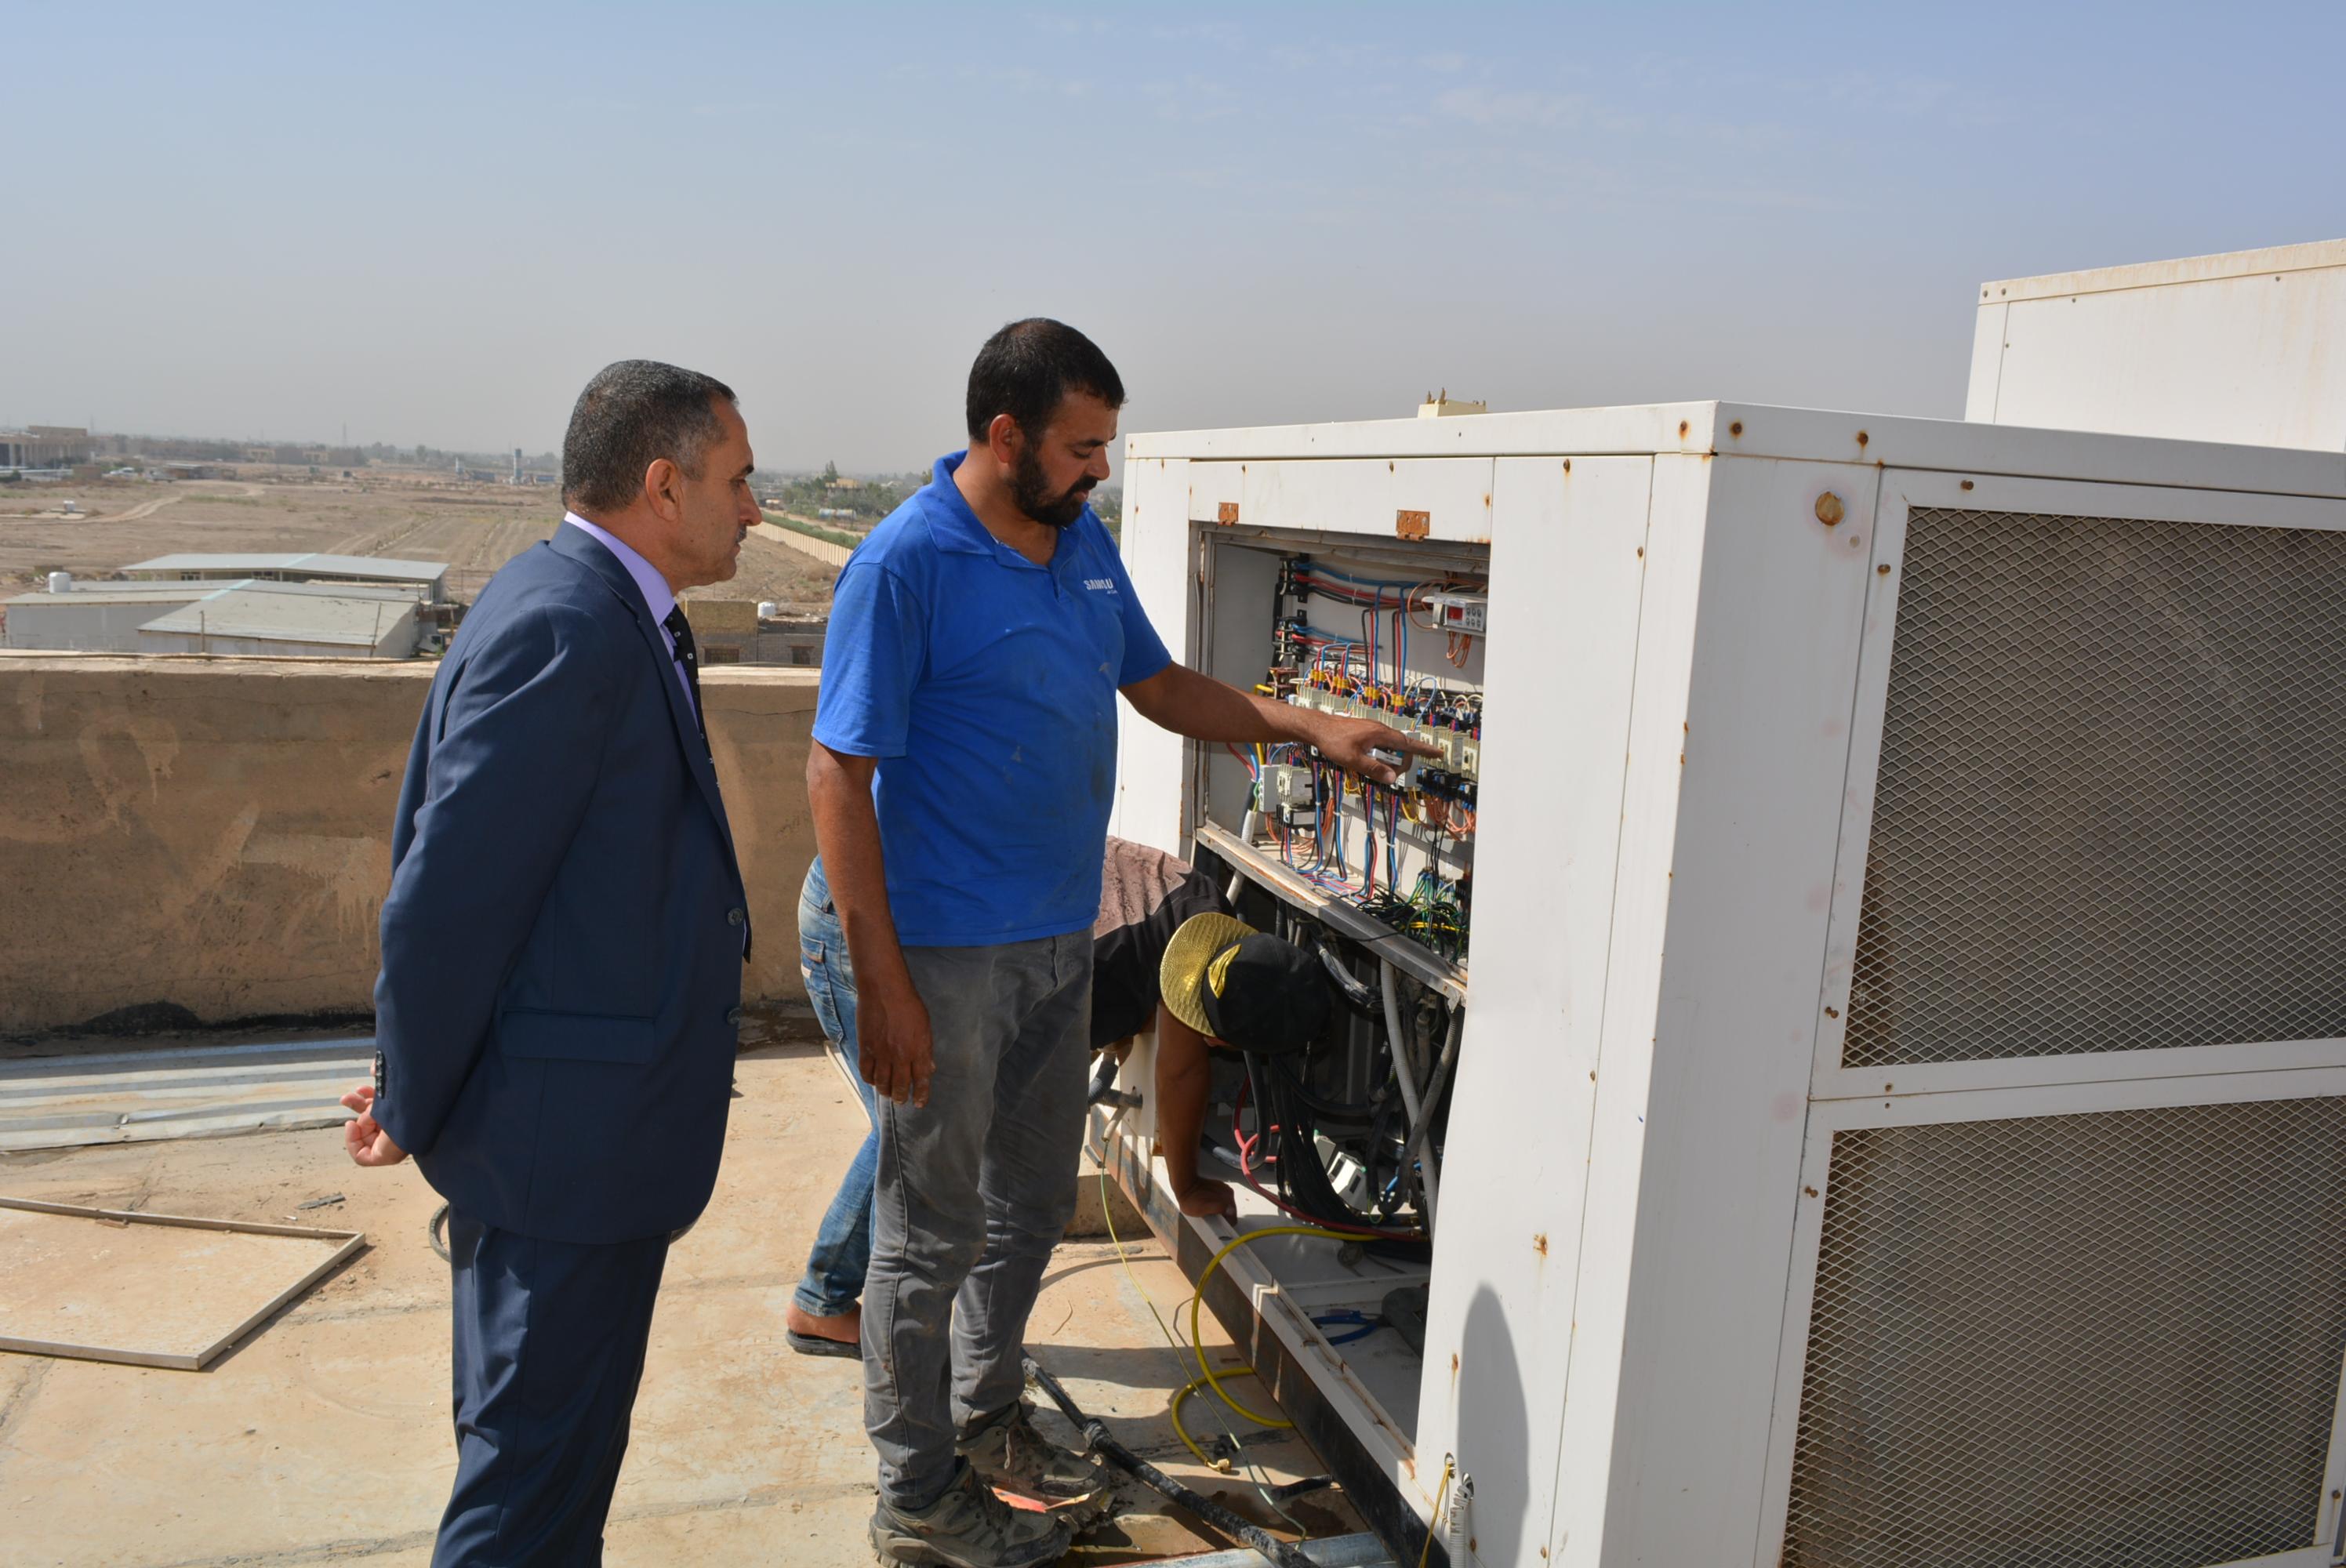 جهود حثيثة  مستمرة لصيانة اجهزة التبريد  في المجمعات السكنية في جامعة كربلاء